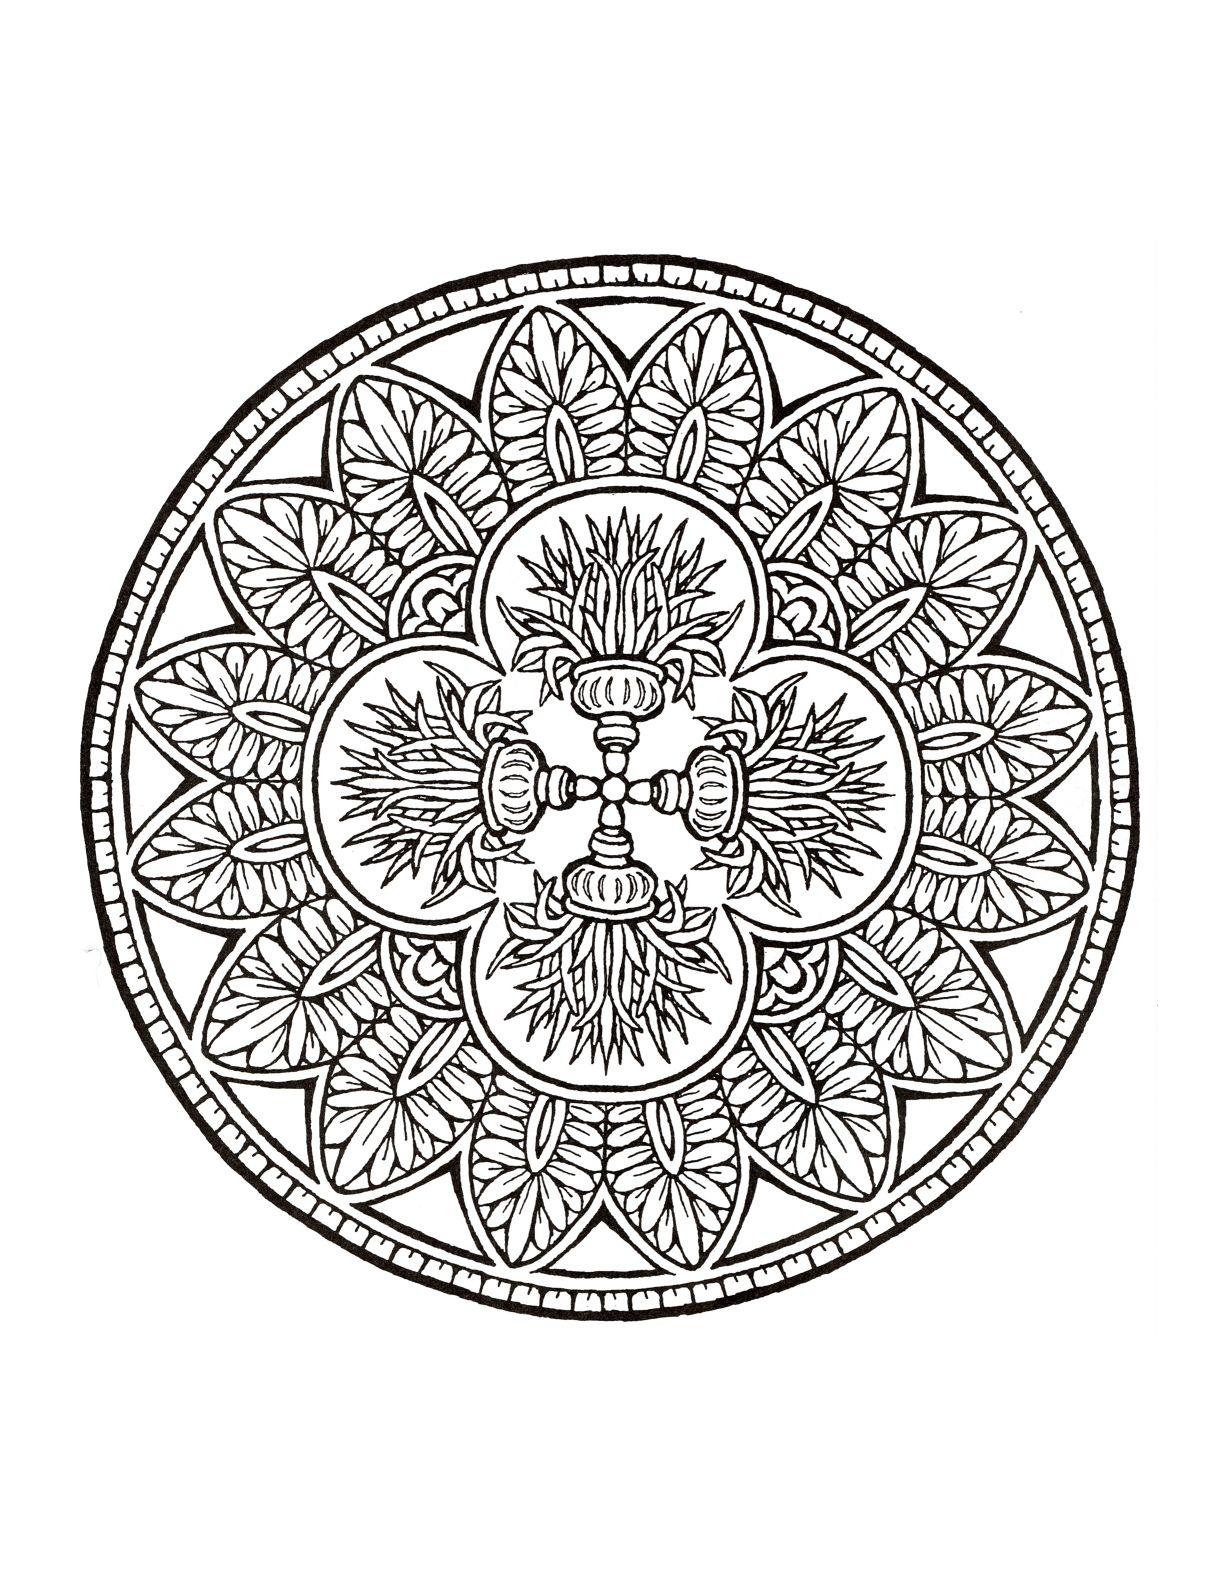 Mystical Mandala Coloring Book Mandalas Pinterest